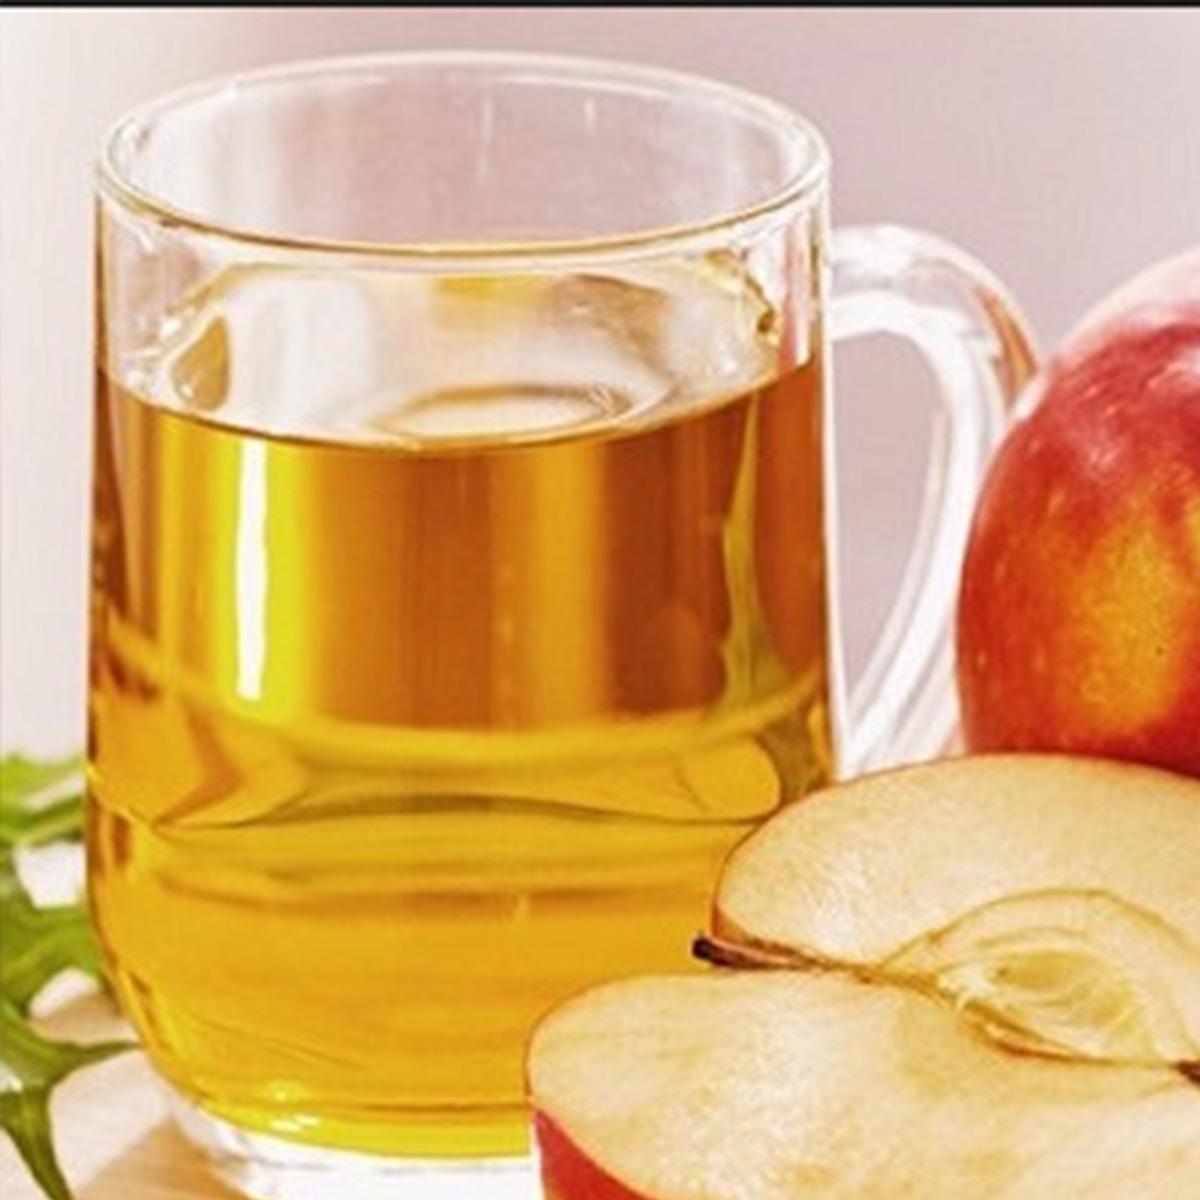 سرکه سیب (1 لیتر)